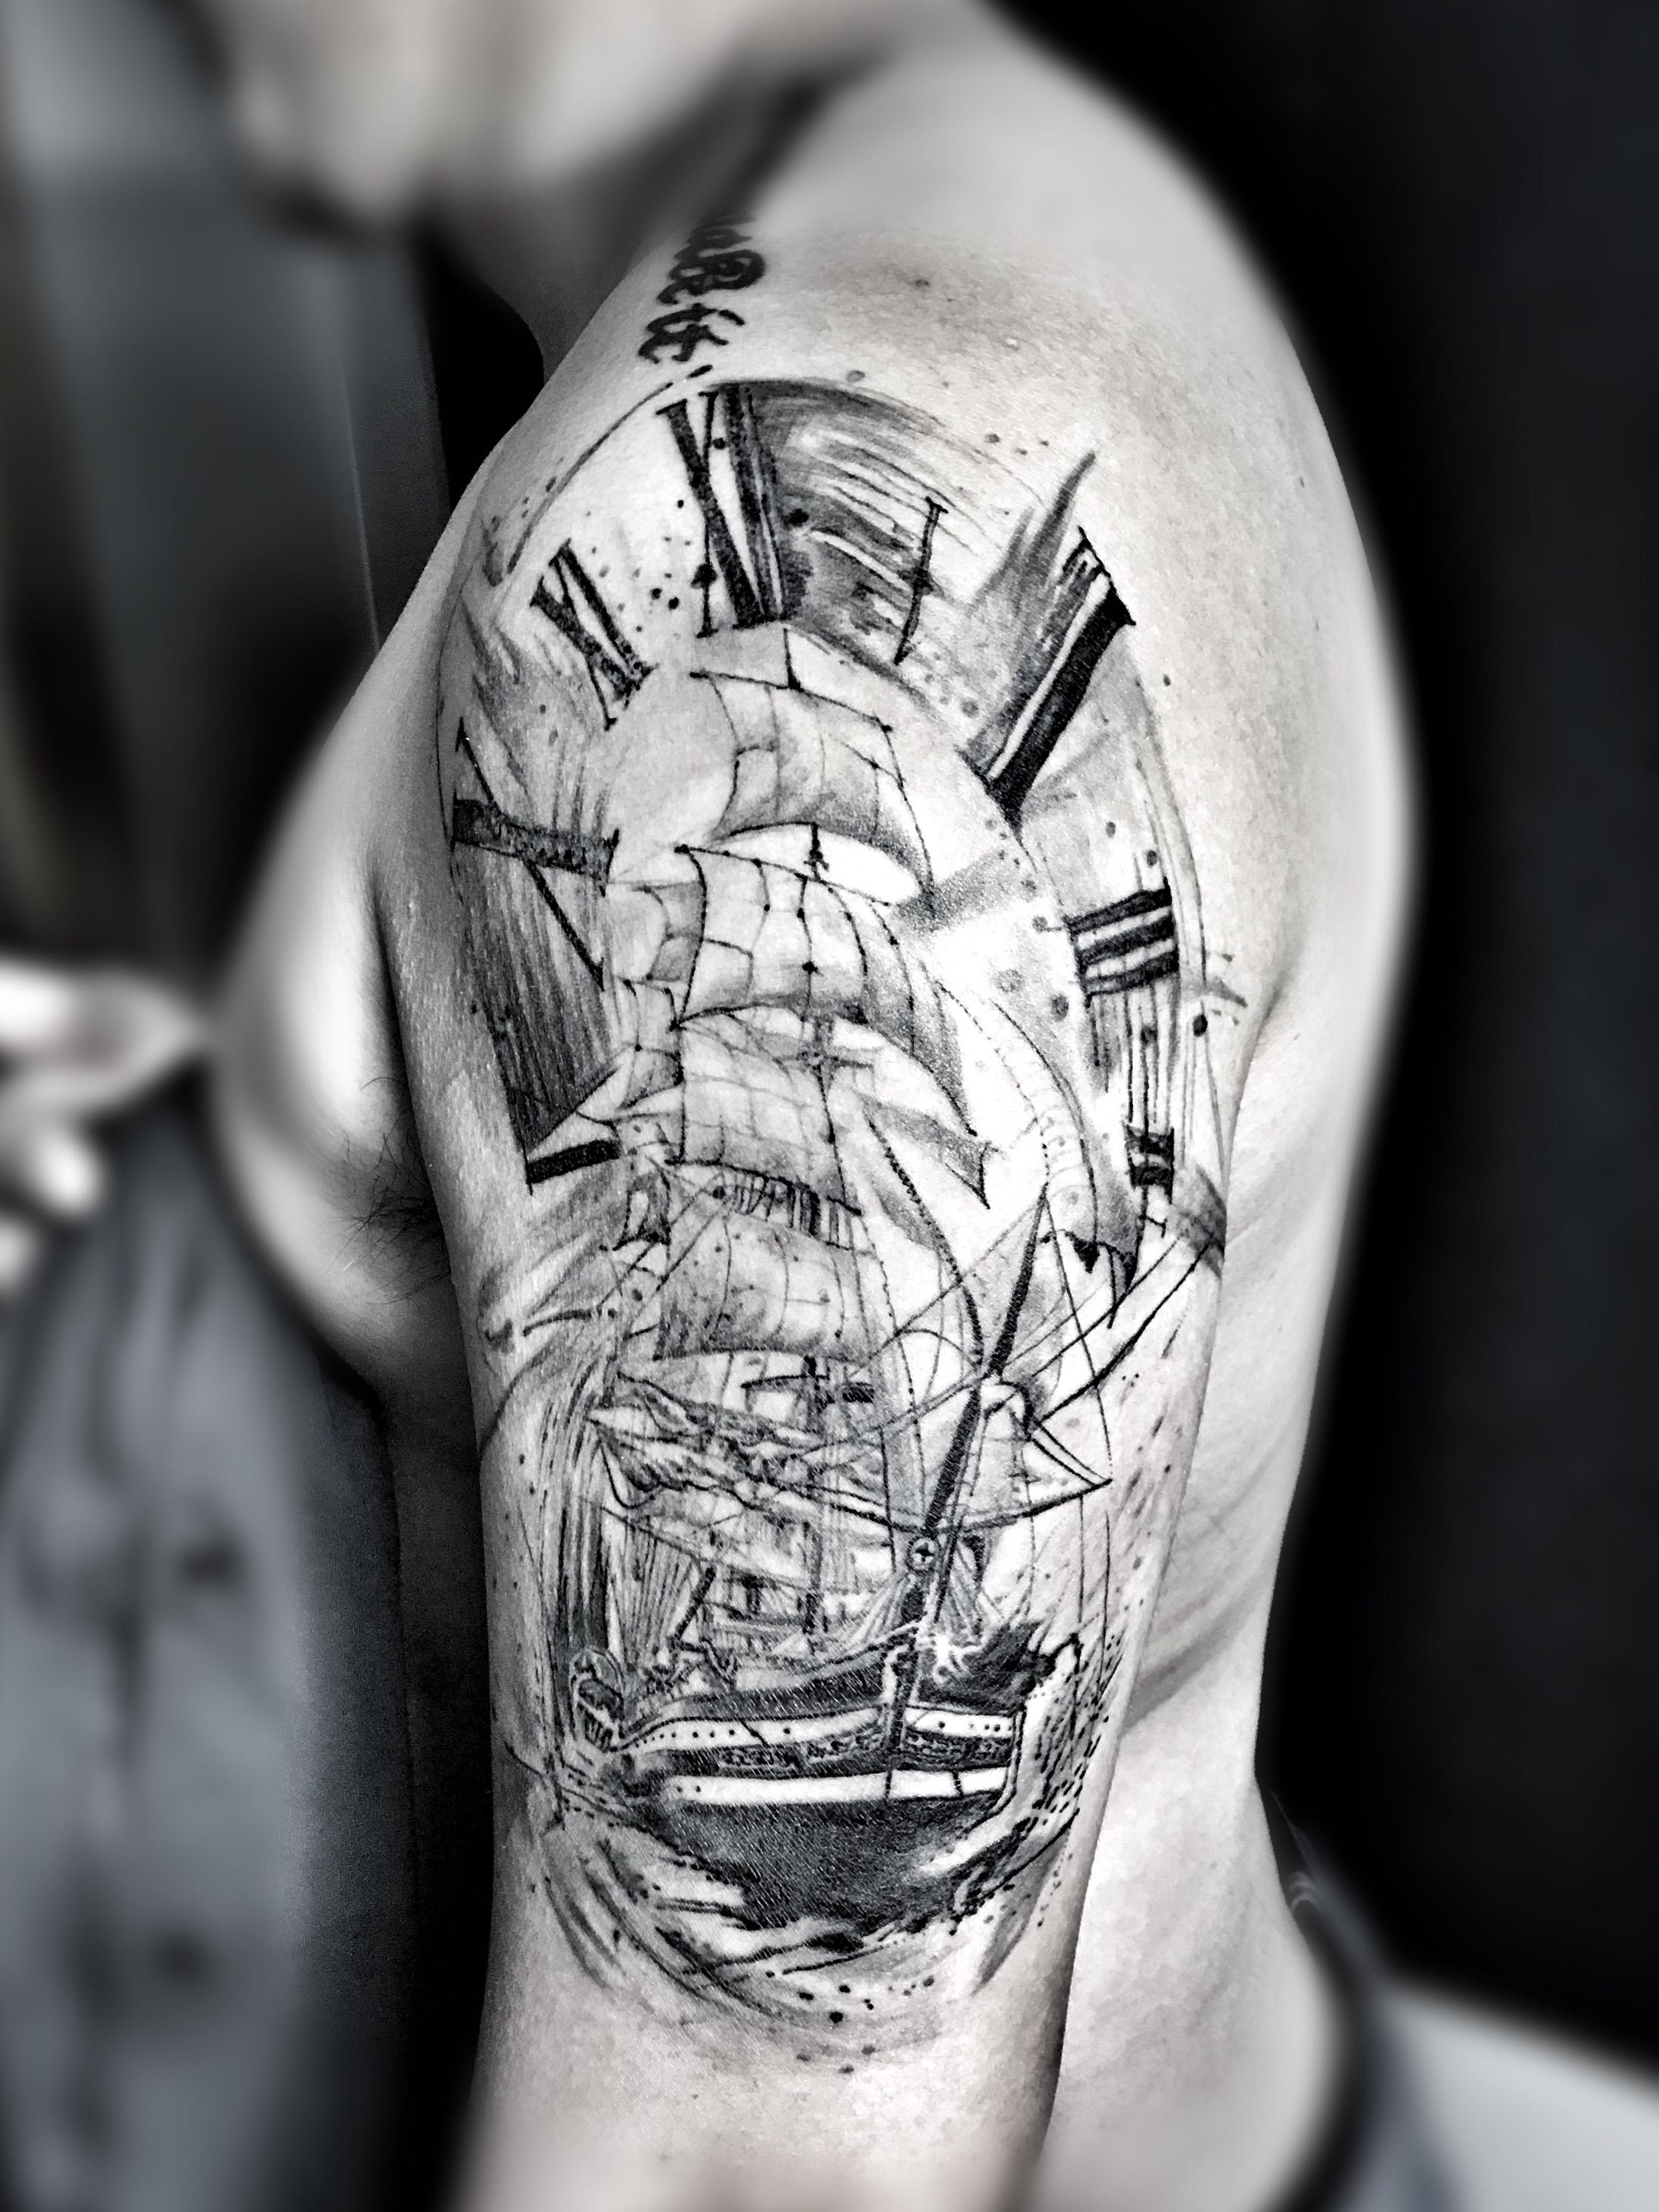 写意帆船纹身                           0京icp备11017824号-4 京图片